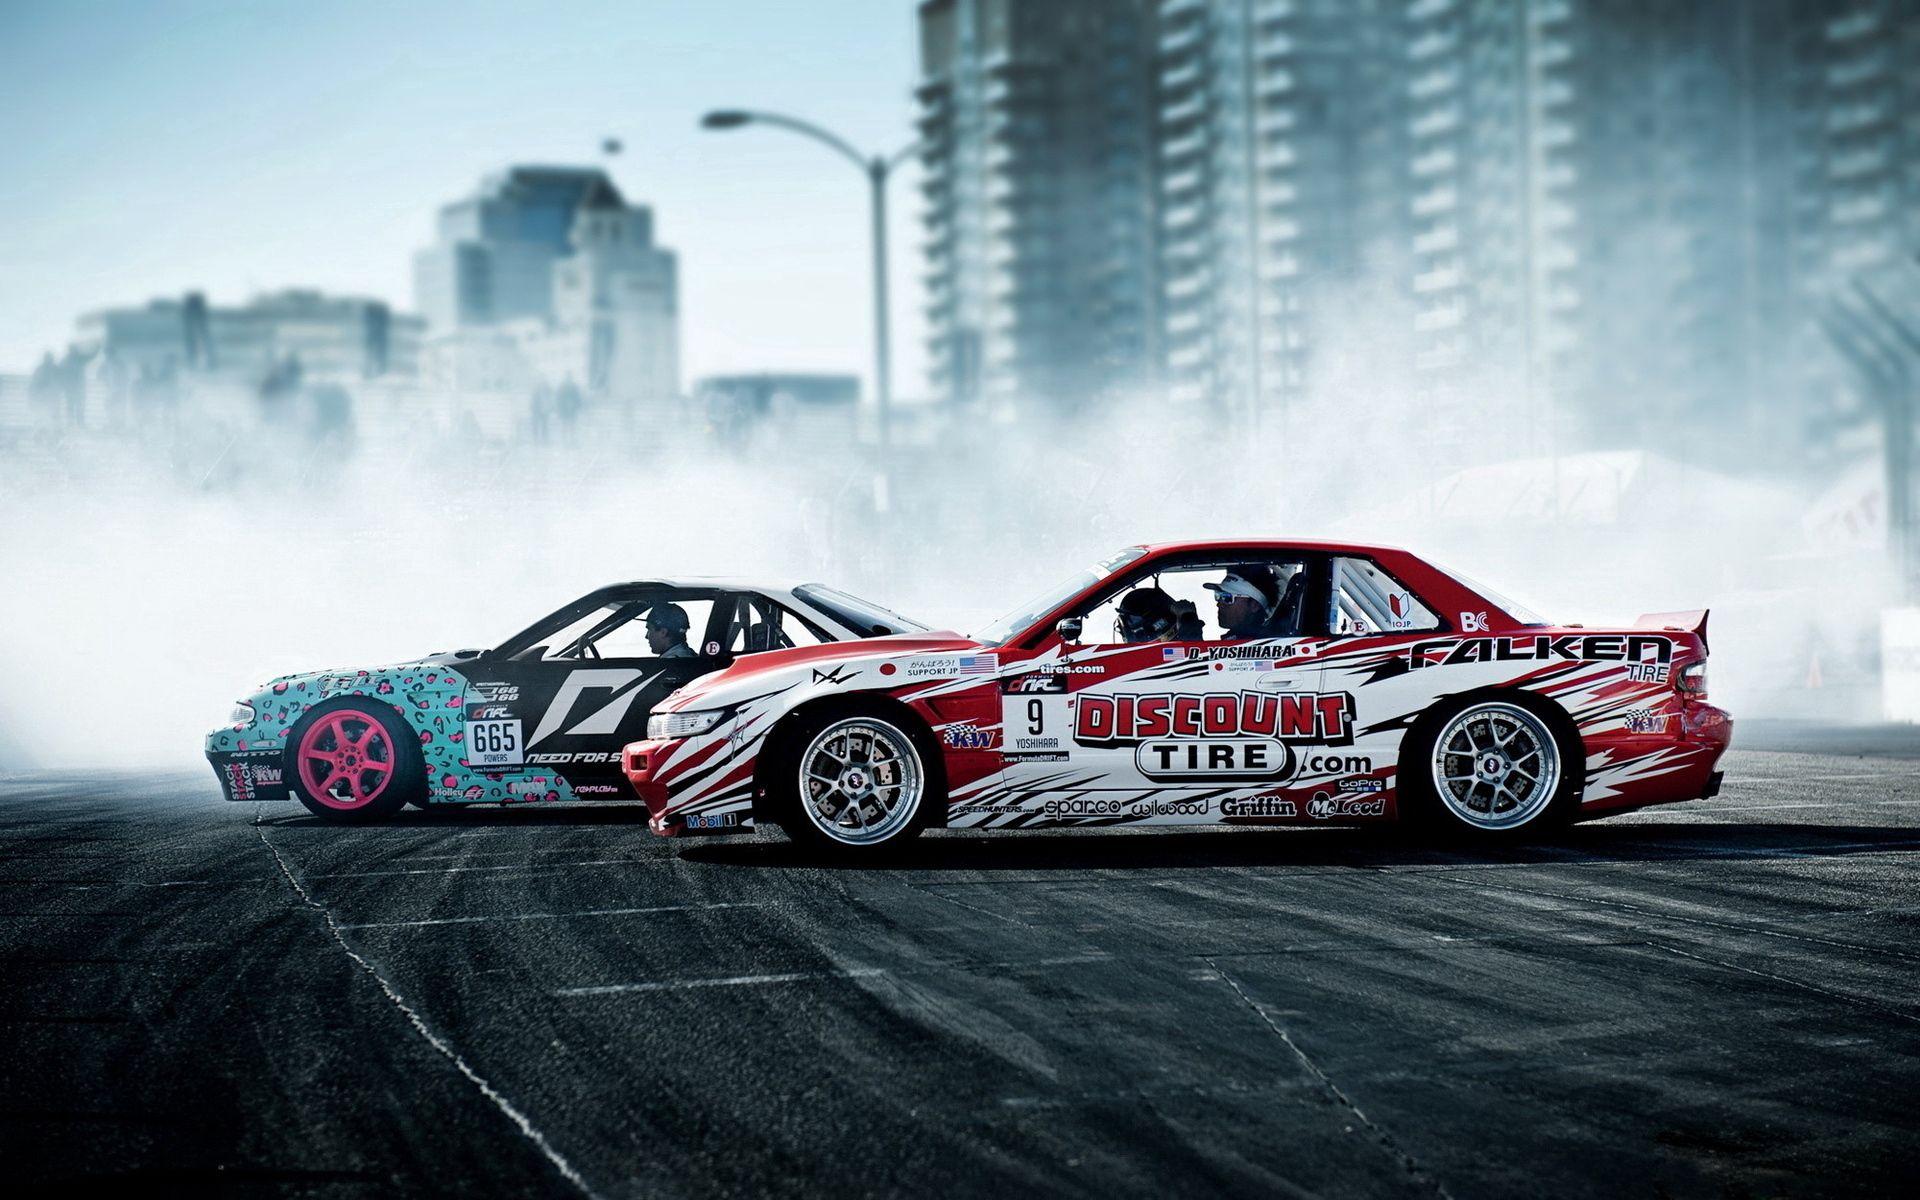 89588 Hintergrundbild herunterladen Sport, Nissan, Raucher, Autos, Drift - Bildschirmschoner und Bilder kostenlos